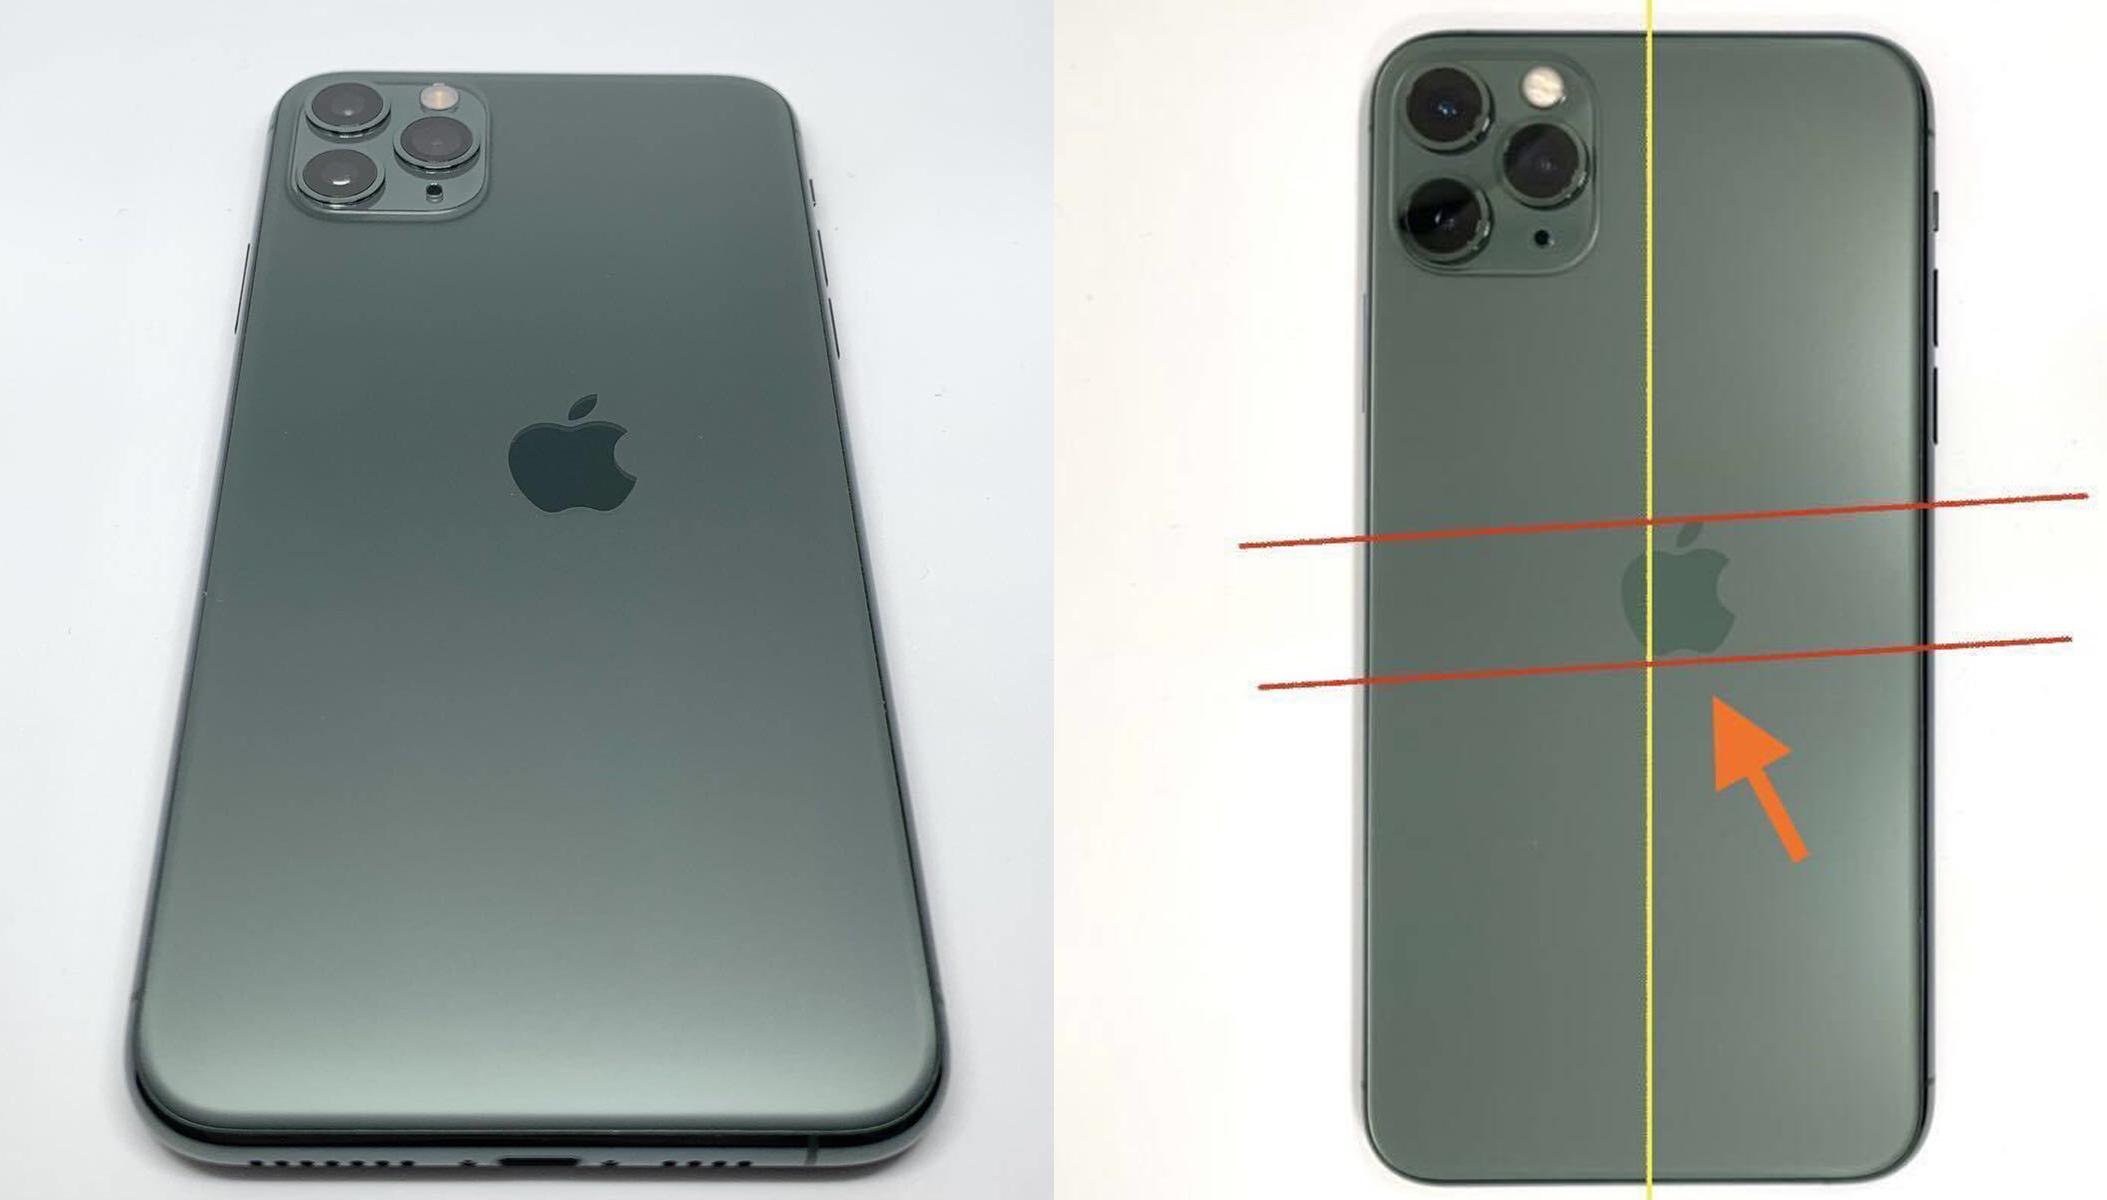 Chiếc iPhone 11 Pro với thiết kế Quả táo lệch hẳn sang một bên. Ảnh: Internal Archive.